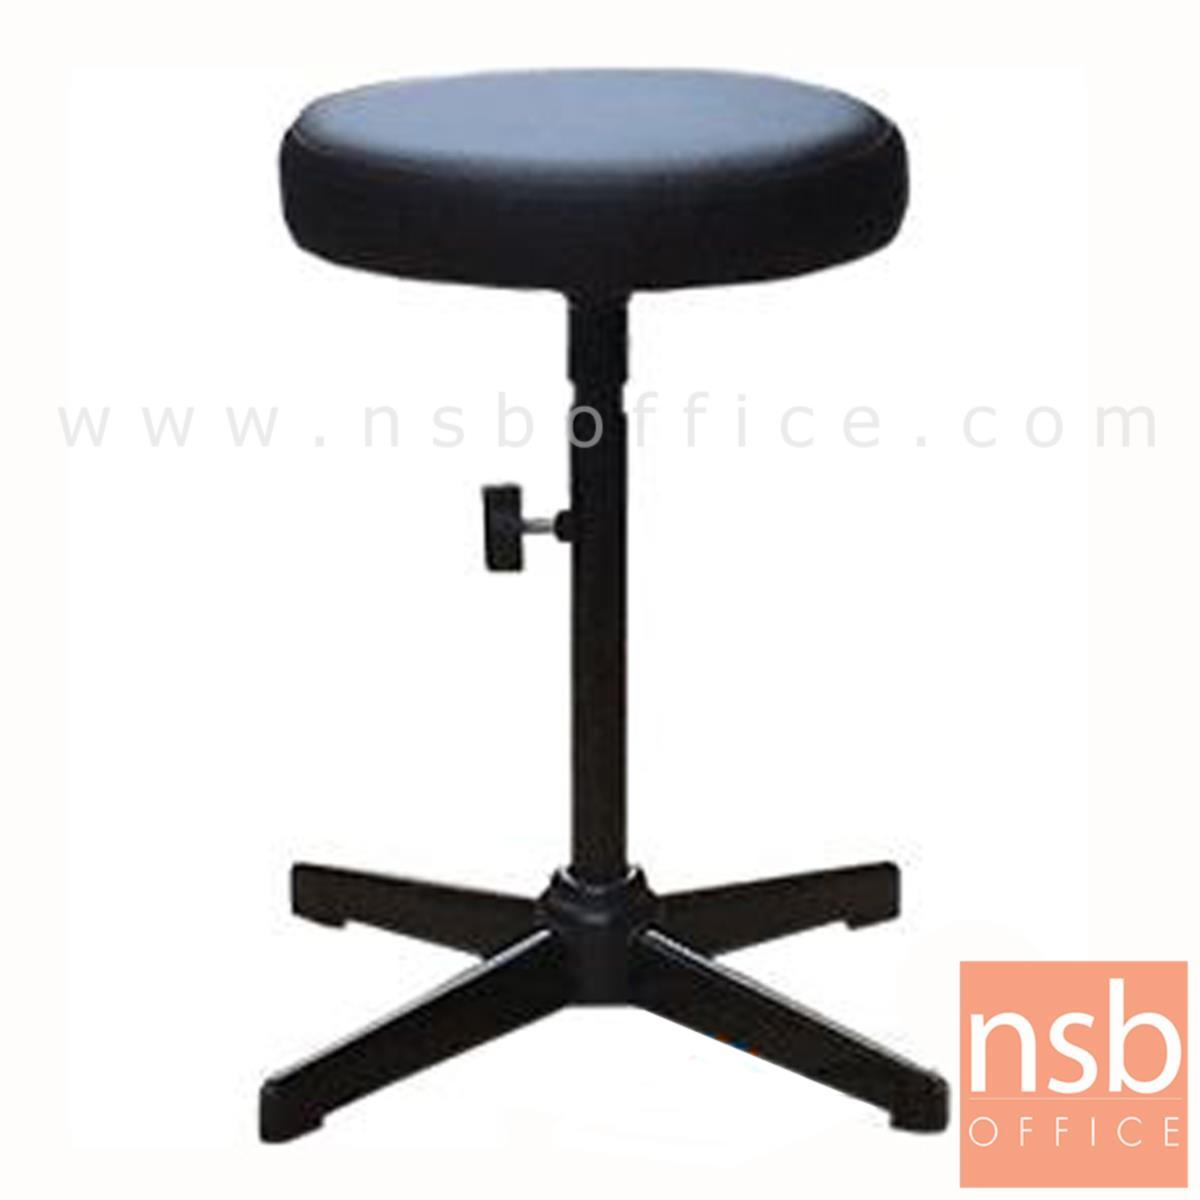 B09A069:เก้าอี้บาร์สตูลที่นั่งกลม รุ่น Norabel (นอร่าเบล)  ขาเหล็กพ่นดำ 4 แฉก